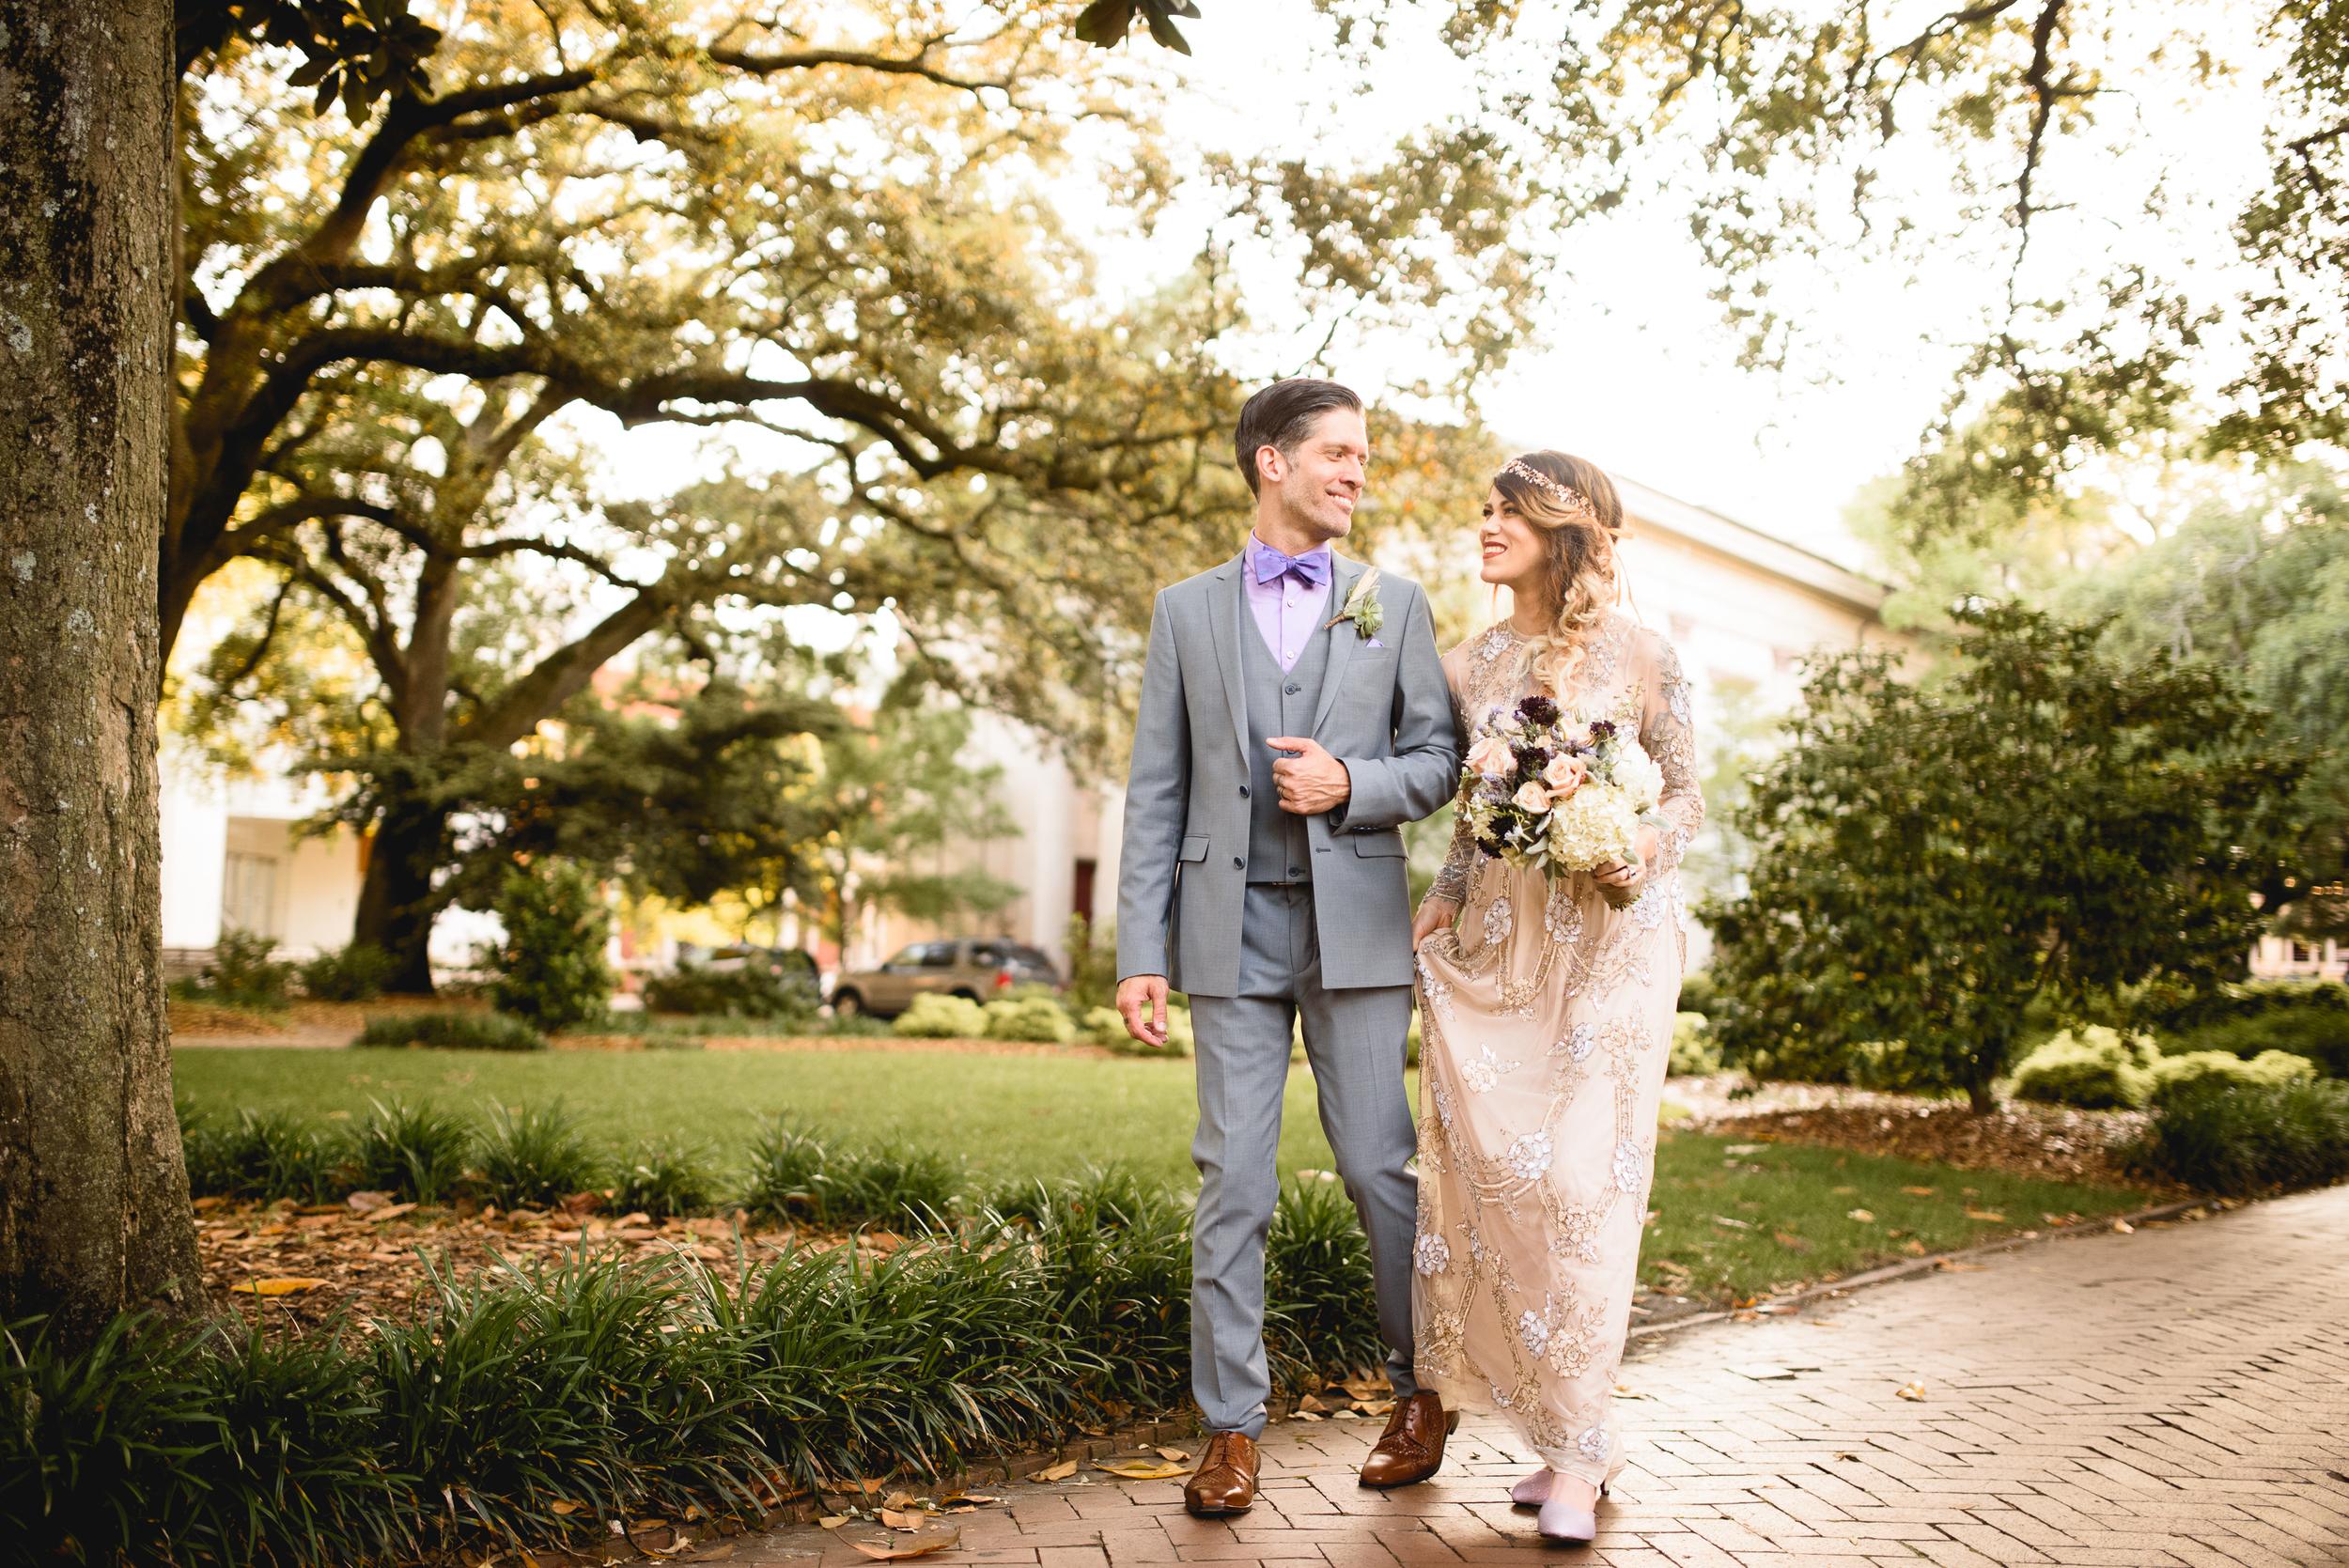 Ashley+Nate_Wedding (21 of 32).jpg